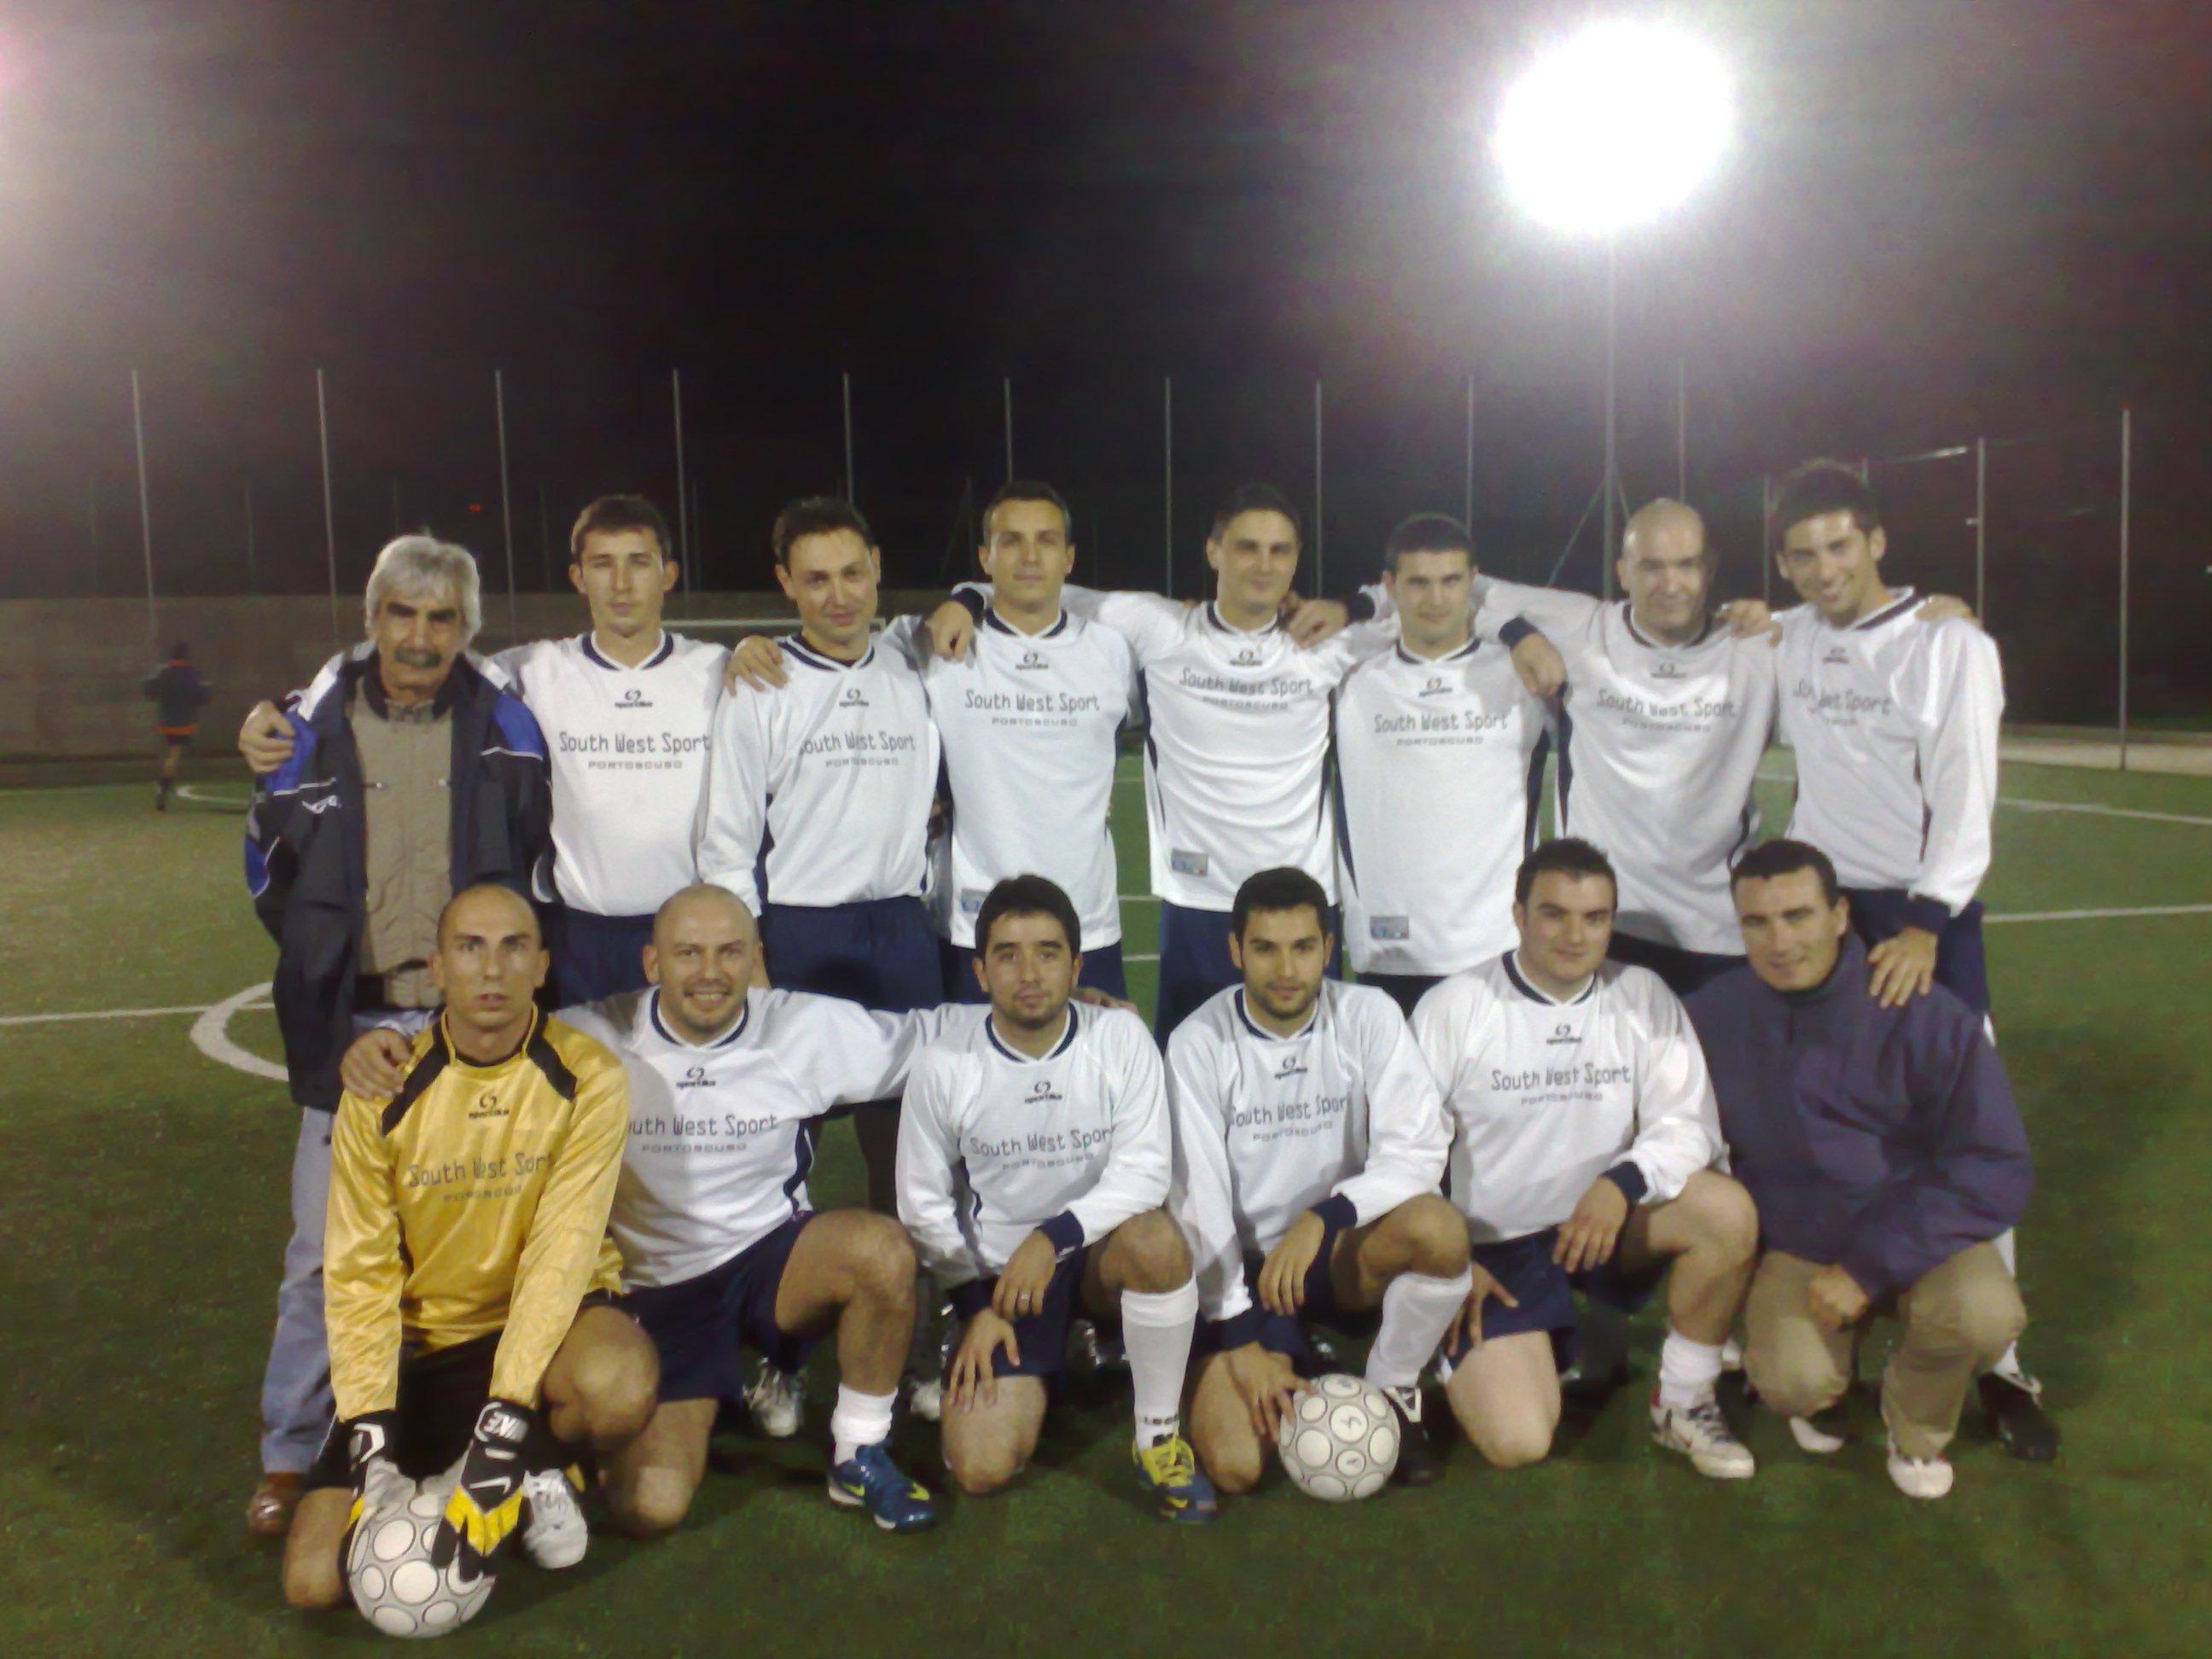 La nostra squadra di calcio a 5 ASD South West Sport